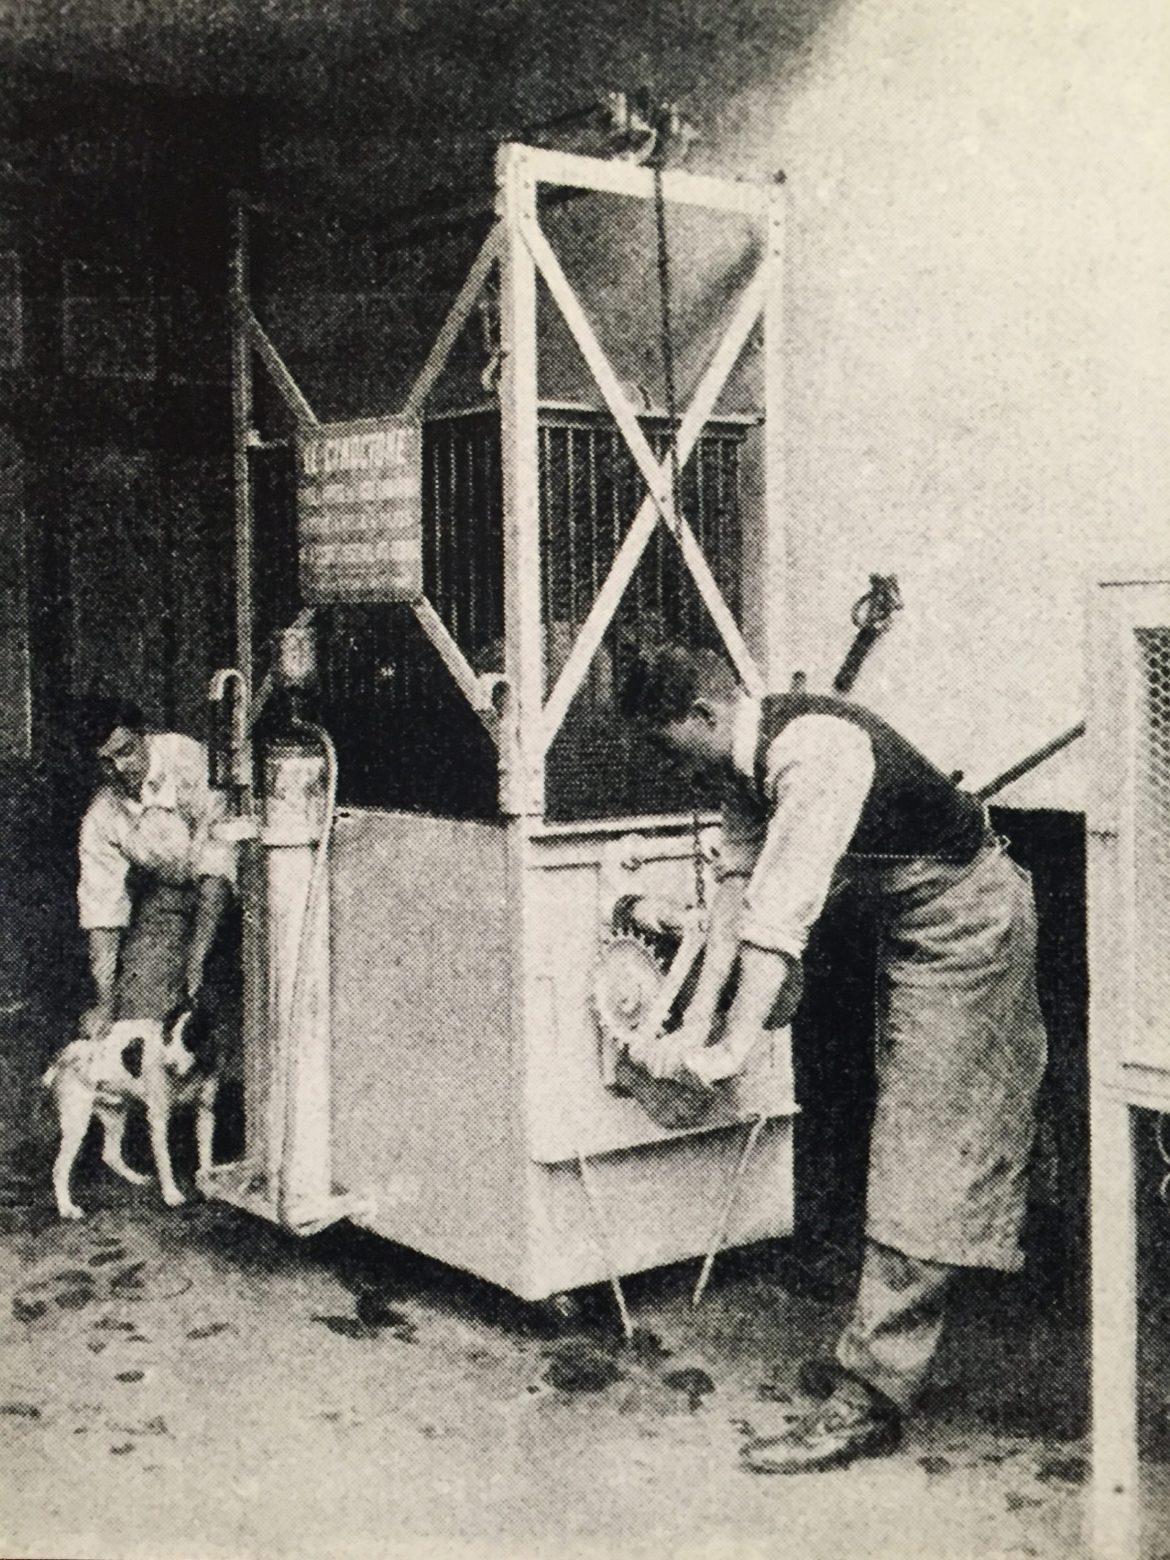 Köpekleri elektrik akımıyla yok eden makine.